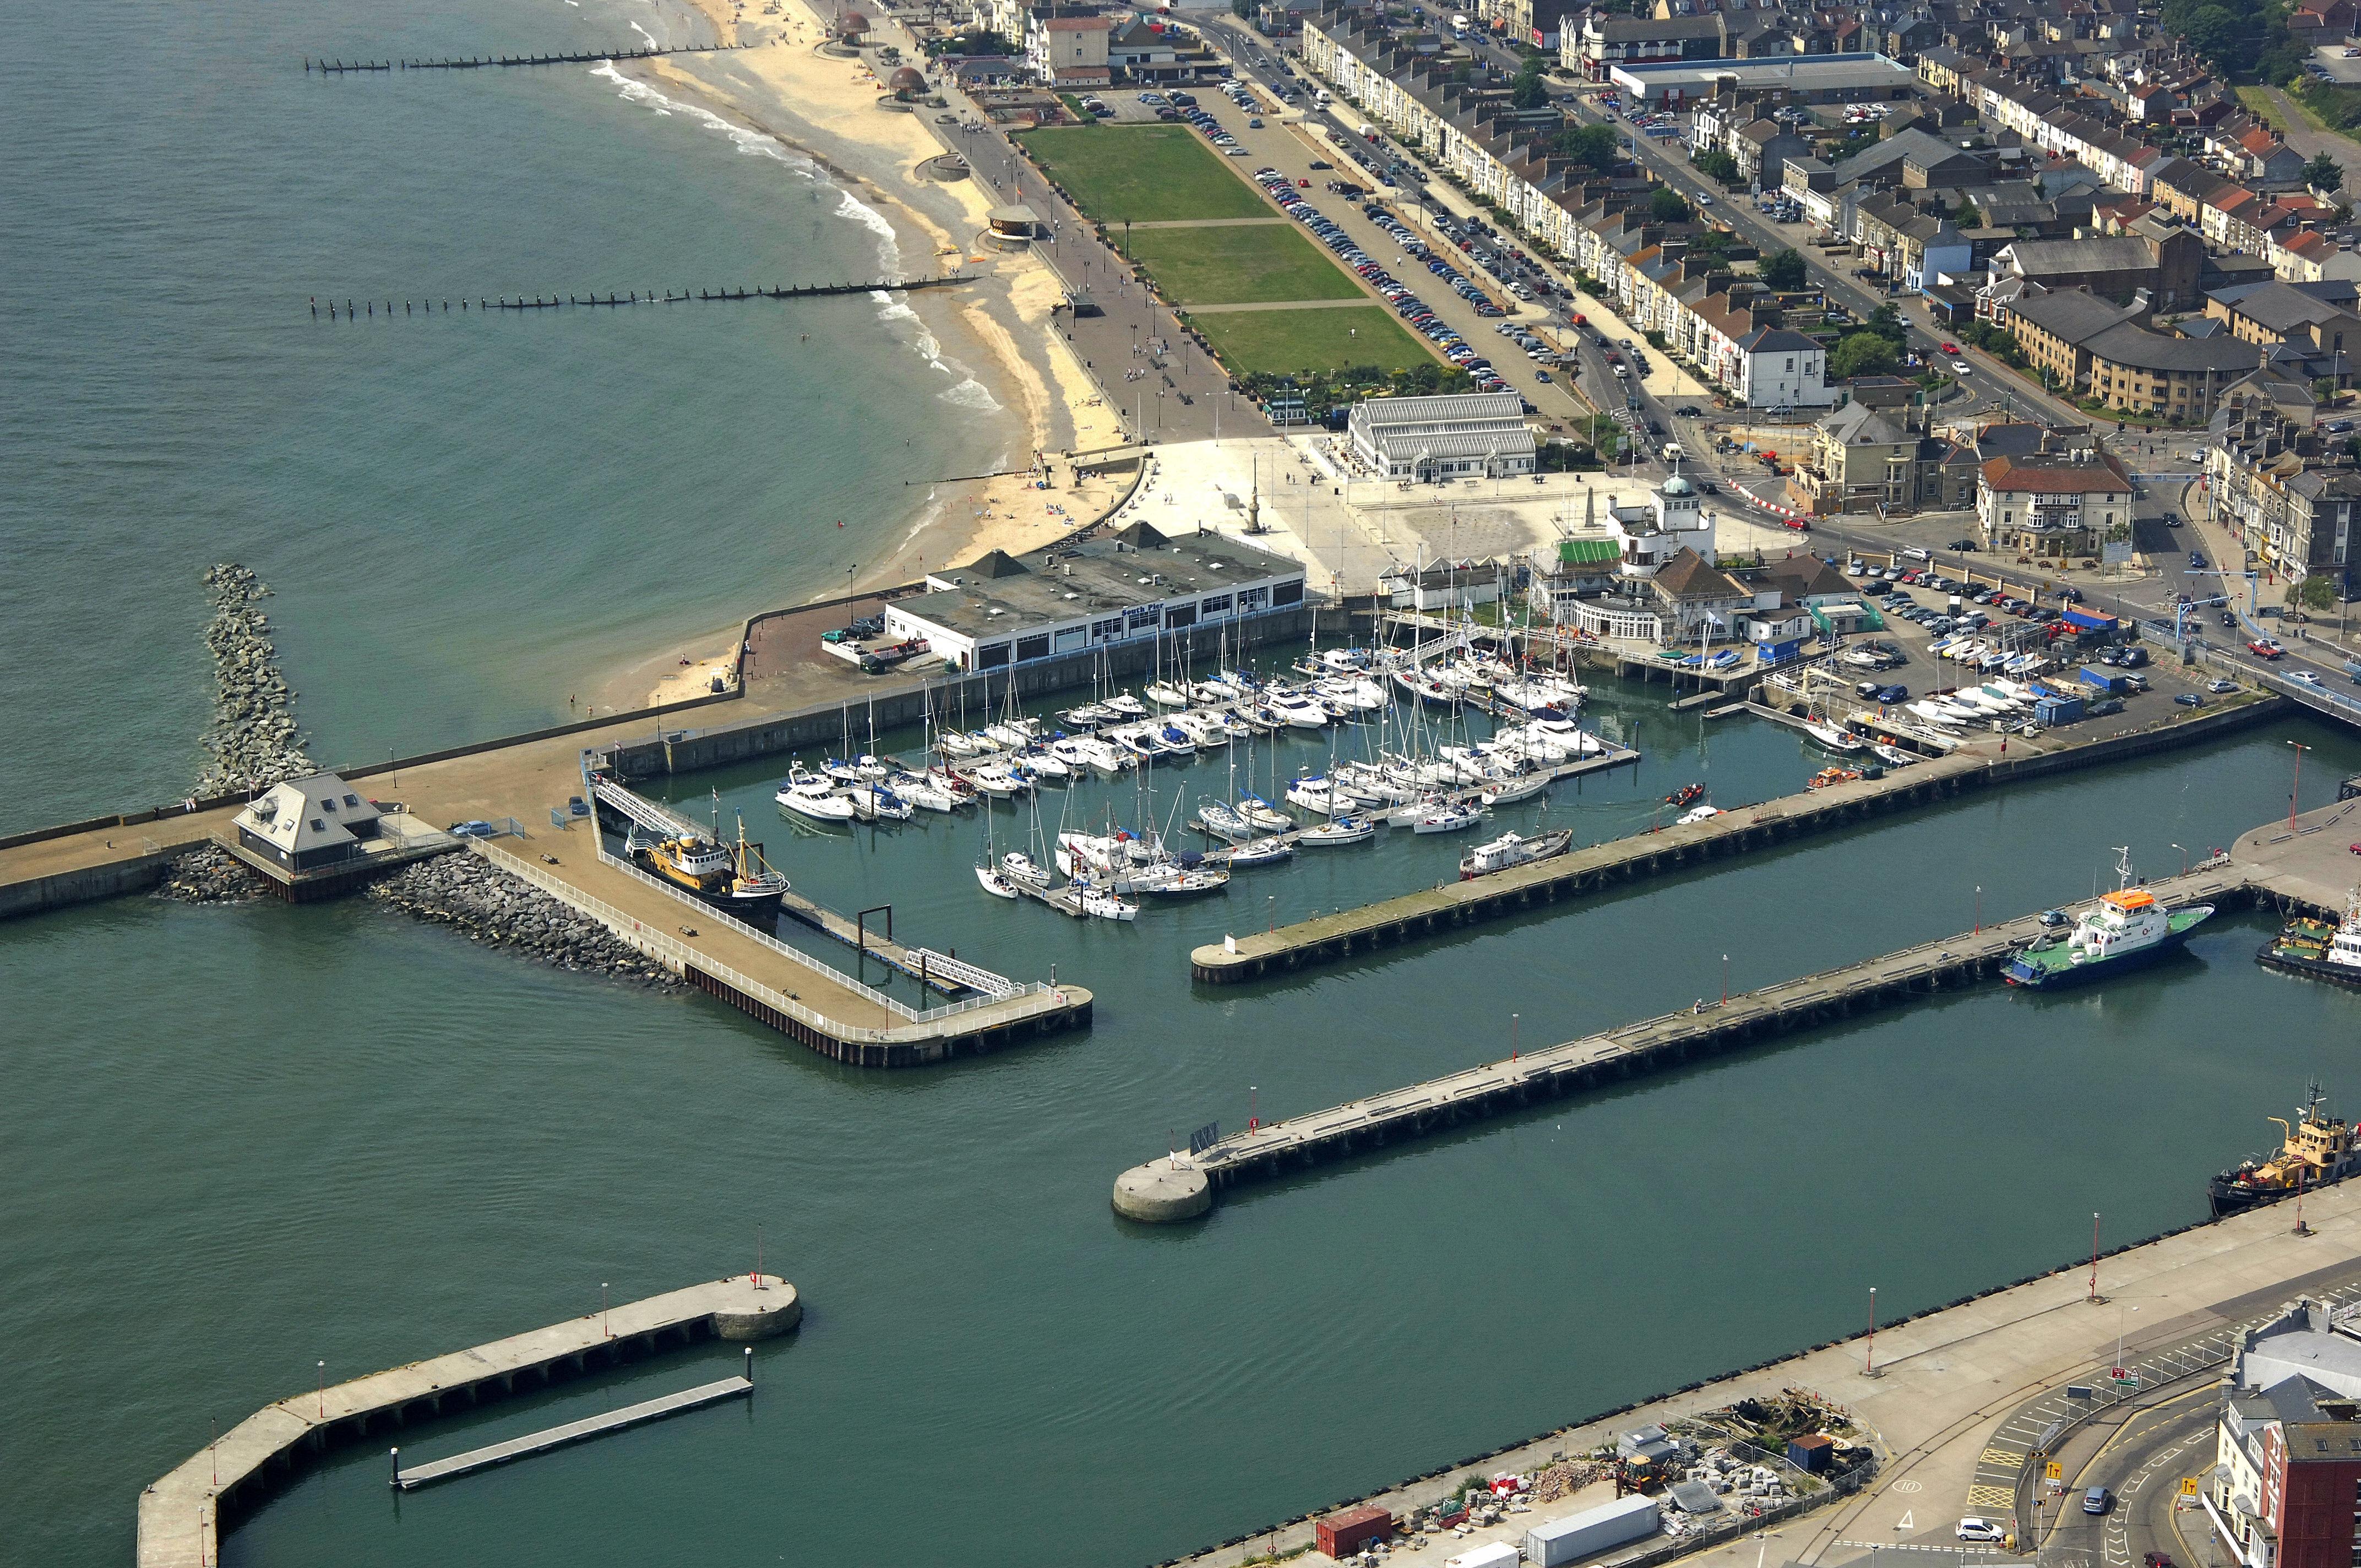 Royal Norfolk Amp Suffolk Yacht Club Marina In Lowestoft Suffolk Gb United Kingdom Marina